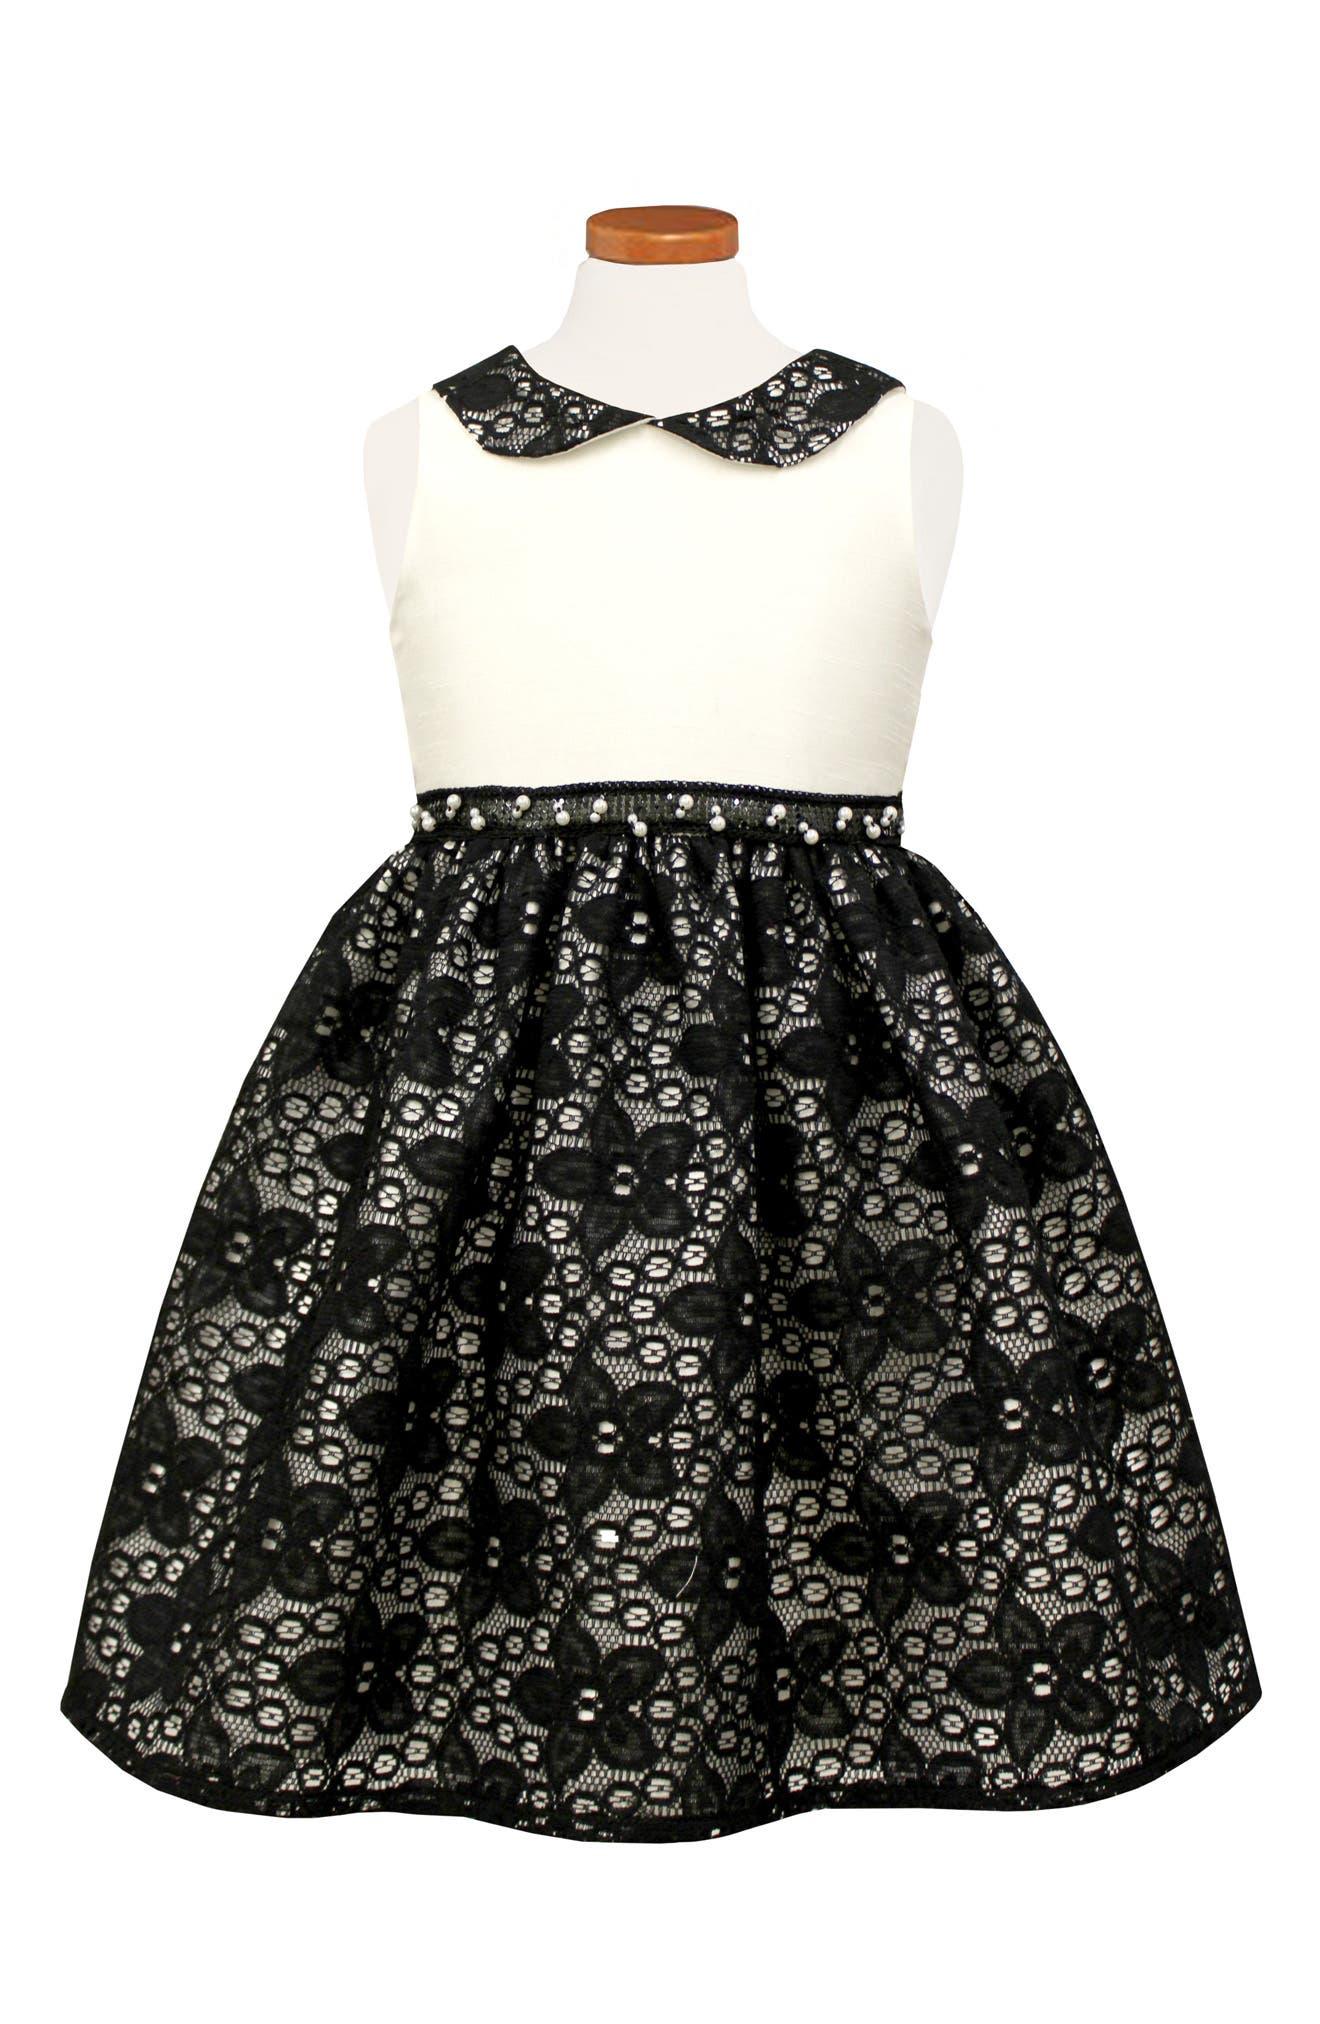 Peter Pan Collar Party Dress,                             Main thumbnail 1, color,                             Black